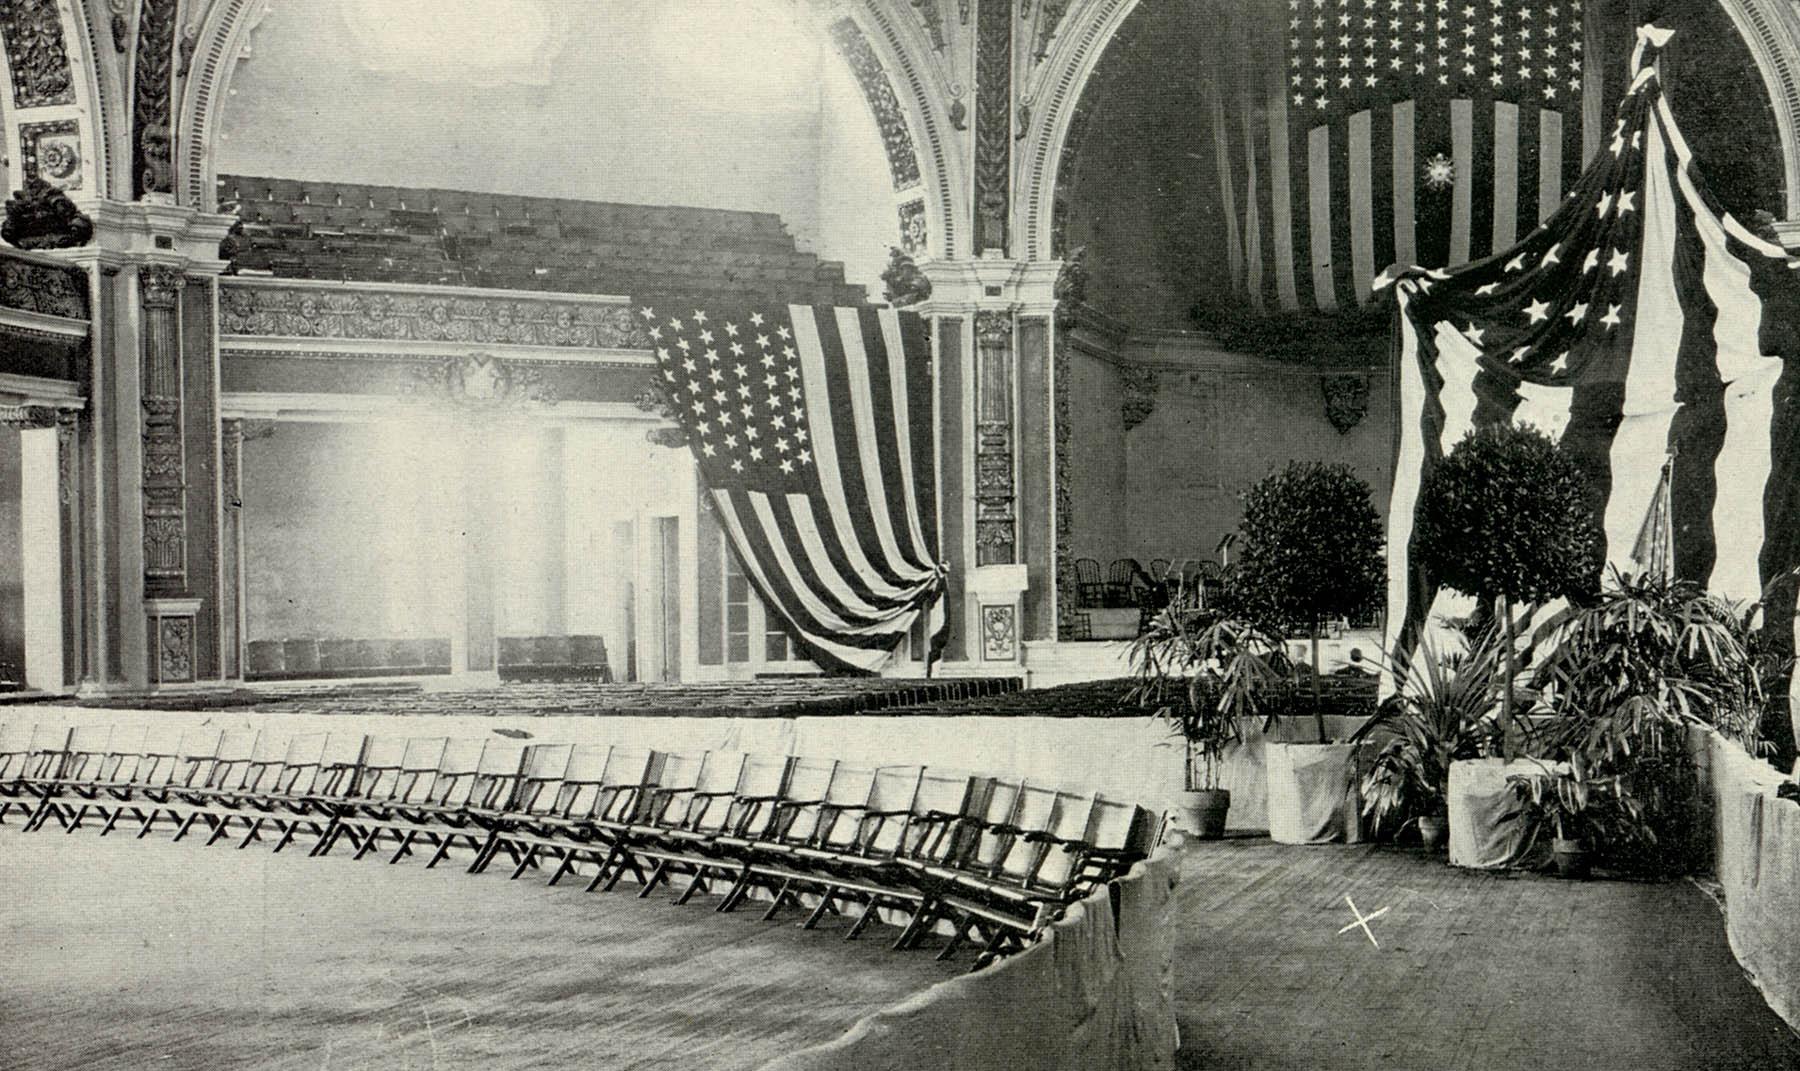 Tempel der Musik, Pan-American Exposition, der Weltausstellung in Buffalo, New York